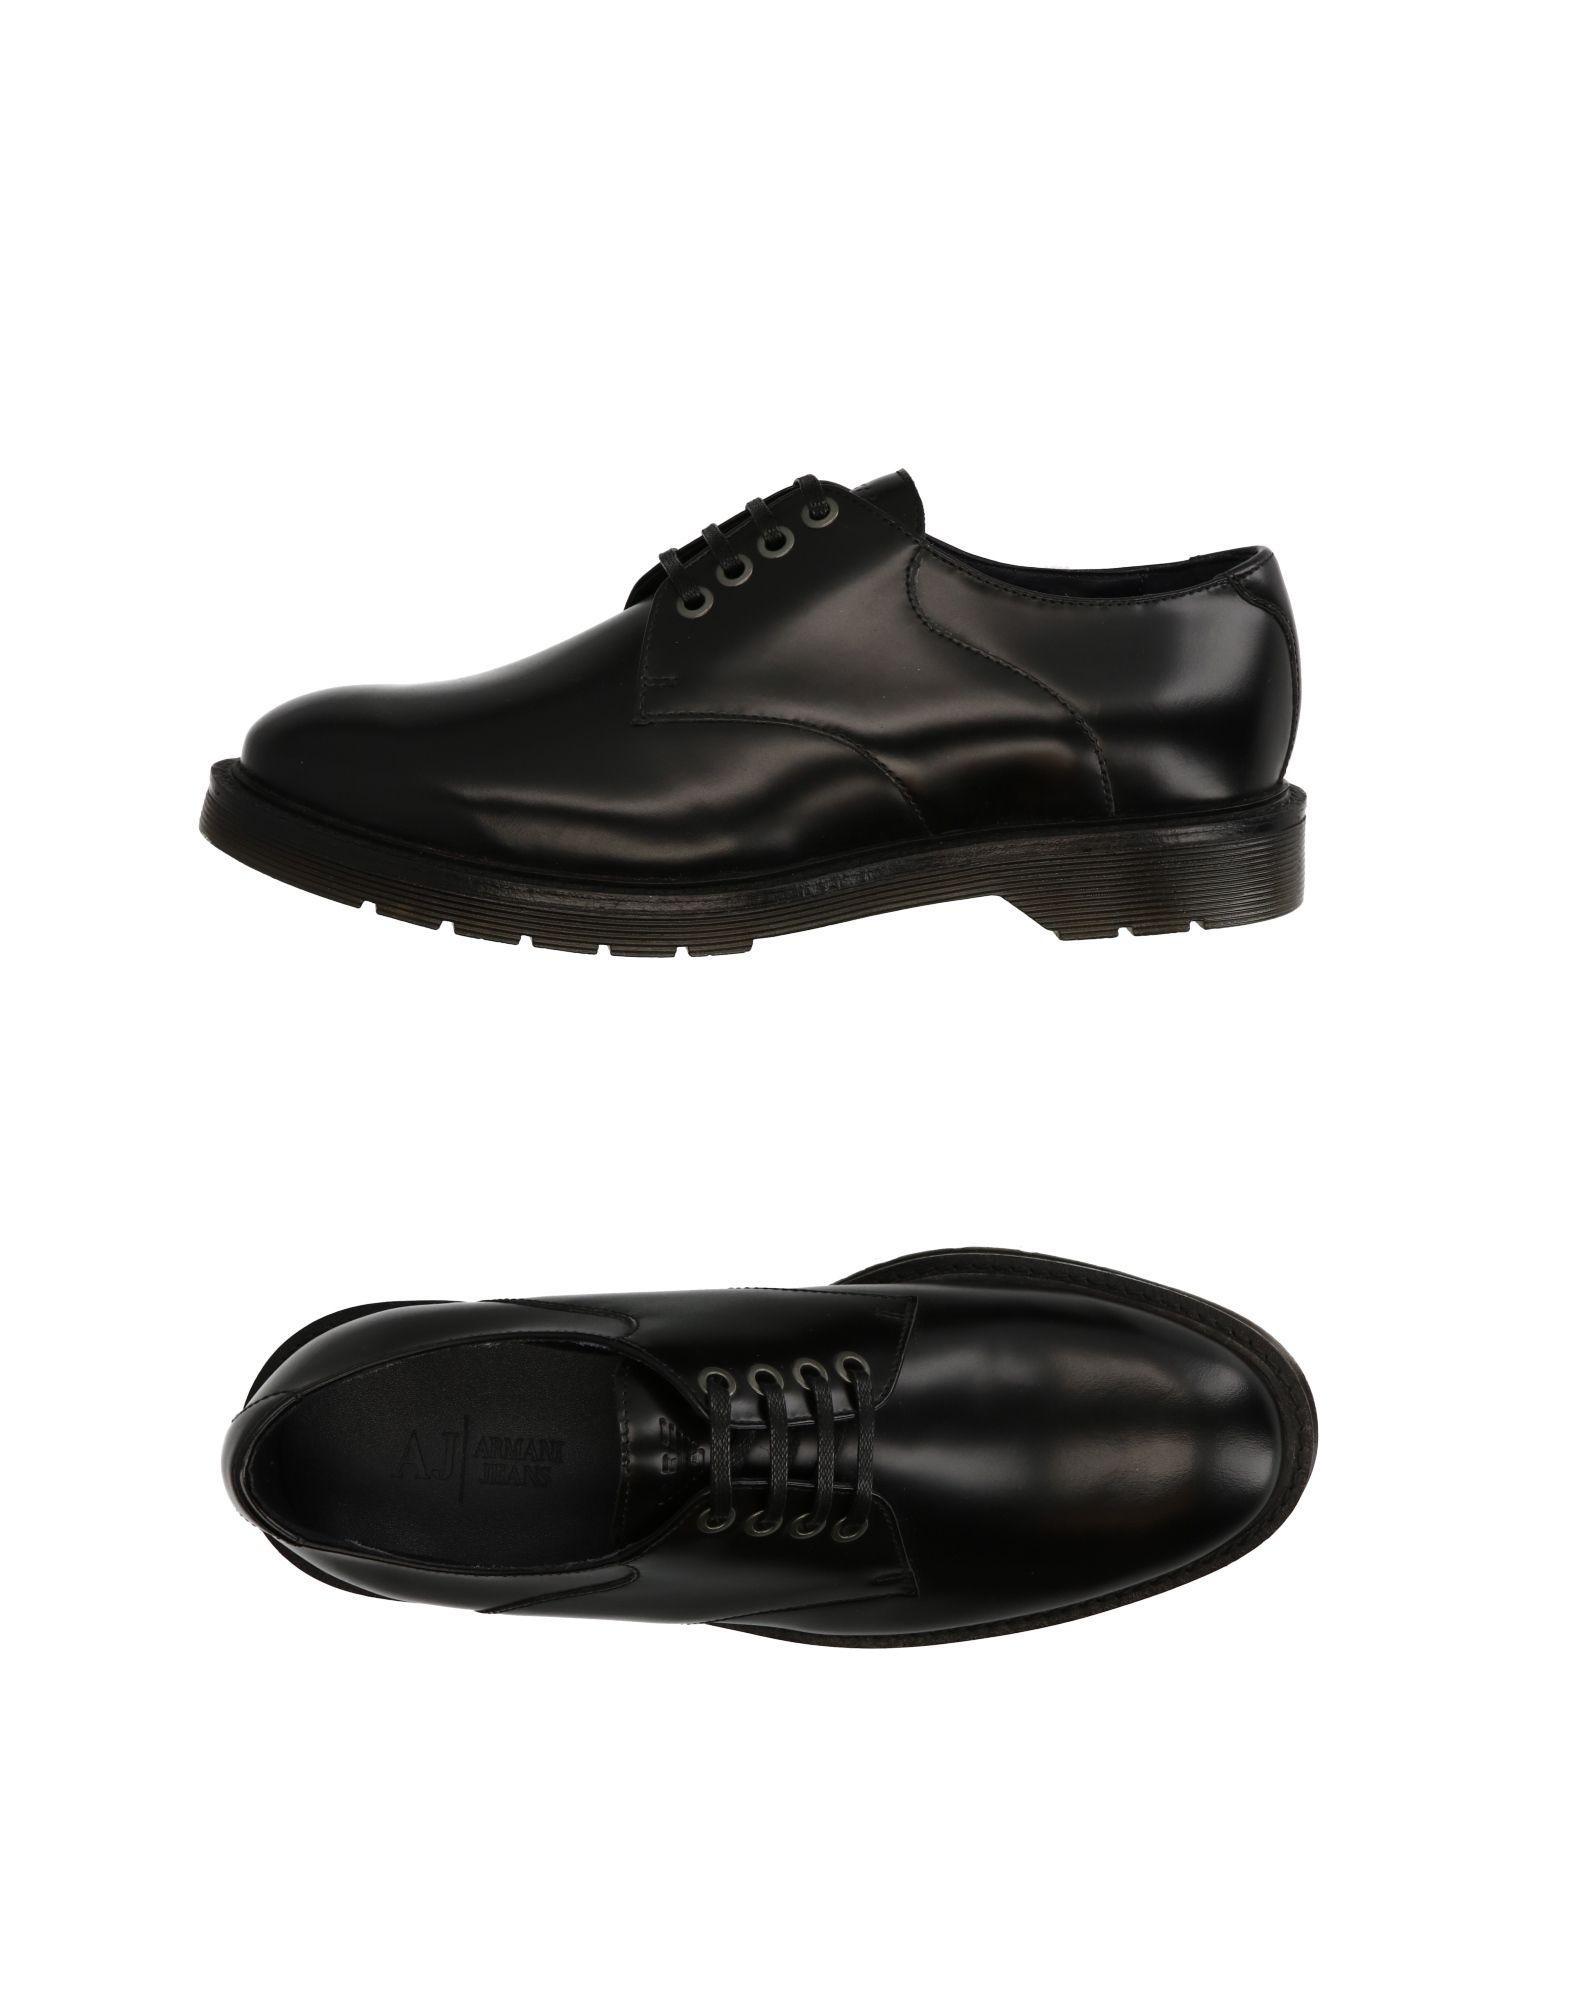 ARMANI JEANS Обувь на шнурках первый внутри обувь обувь обувь обувь обувь обувь обувь обувь обувь 8a2549 мужская армия green 40 метров